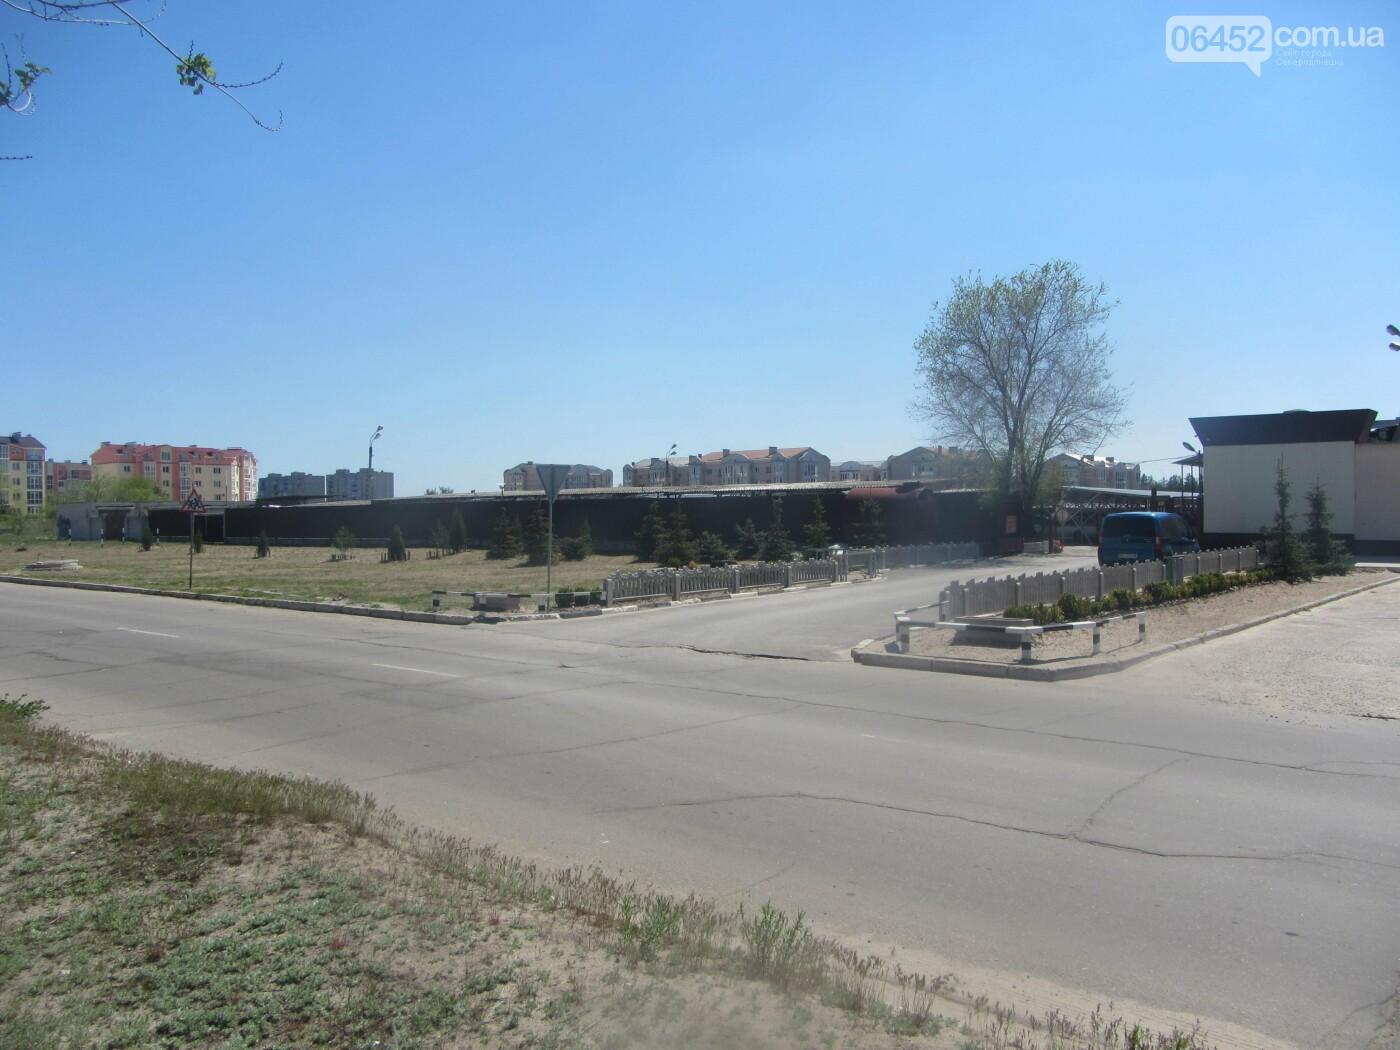 Автомобильная стоянка в Северодонецке